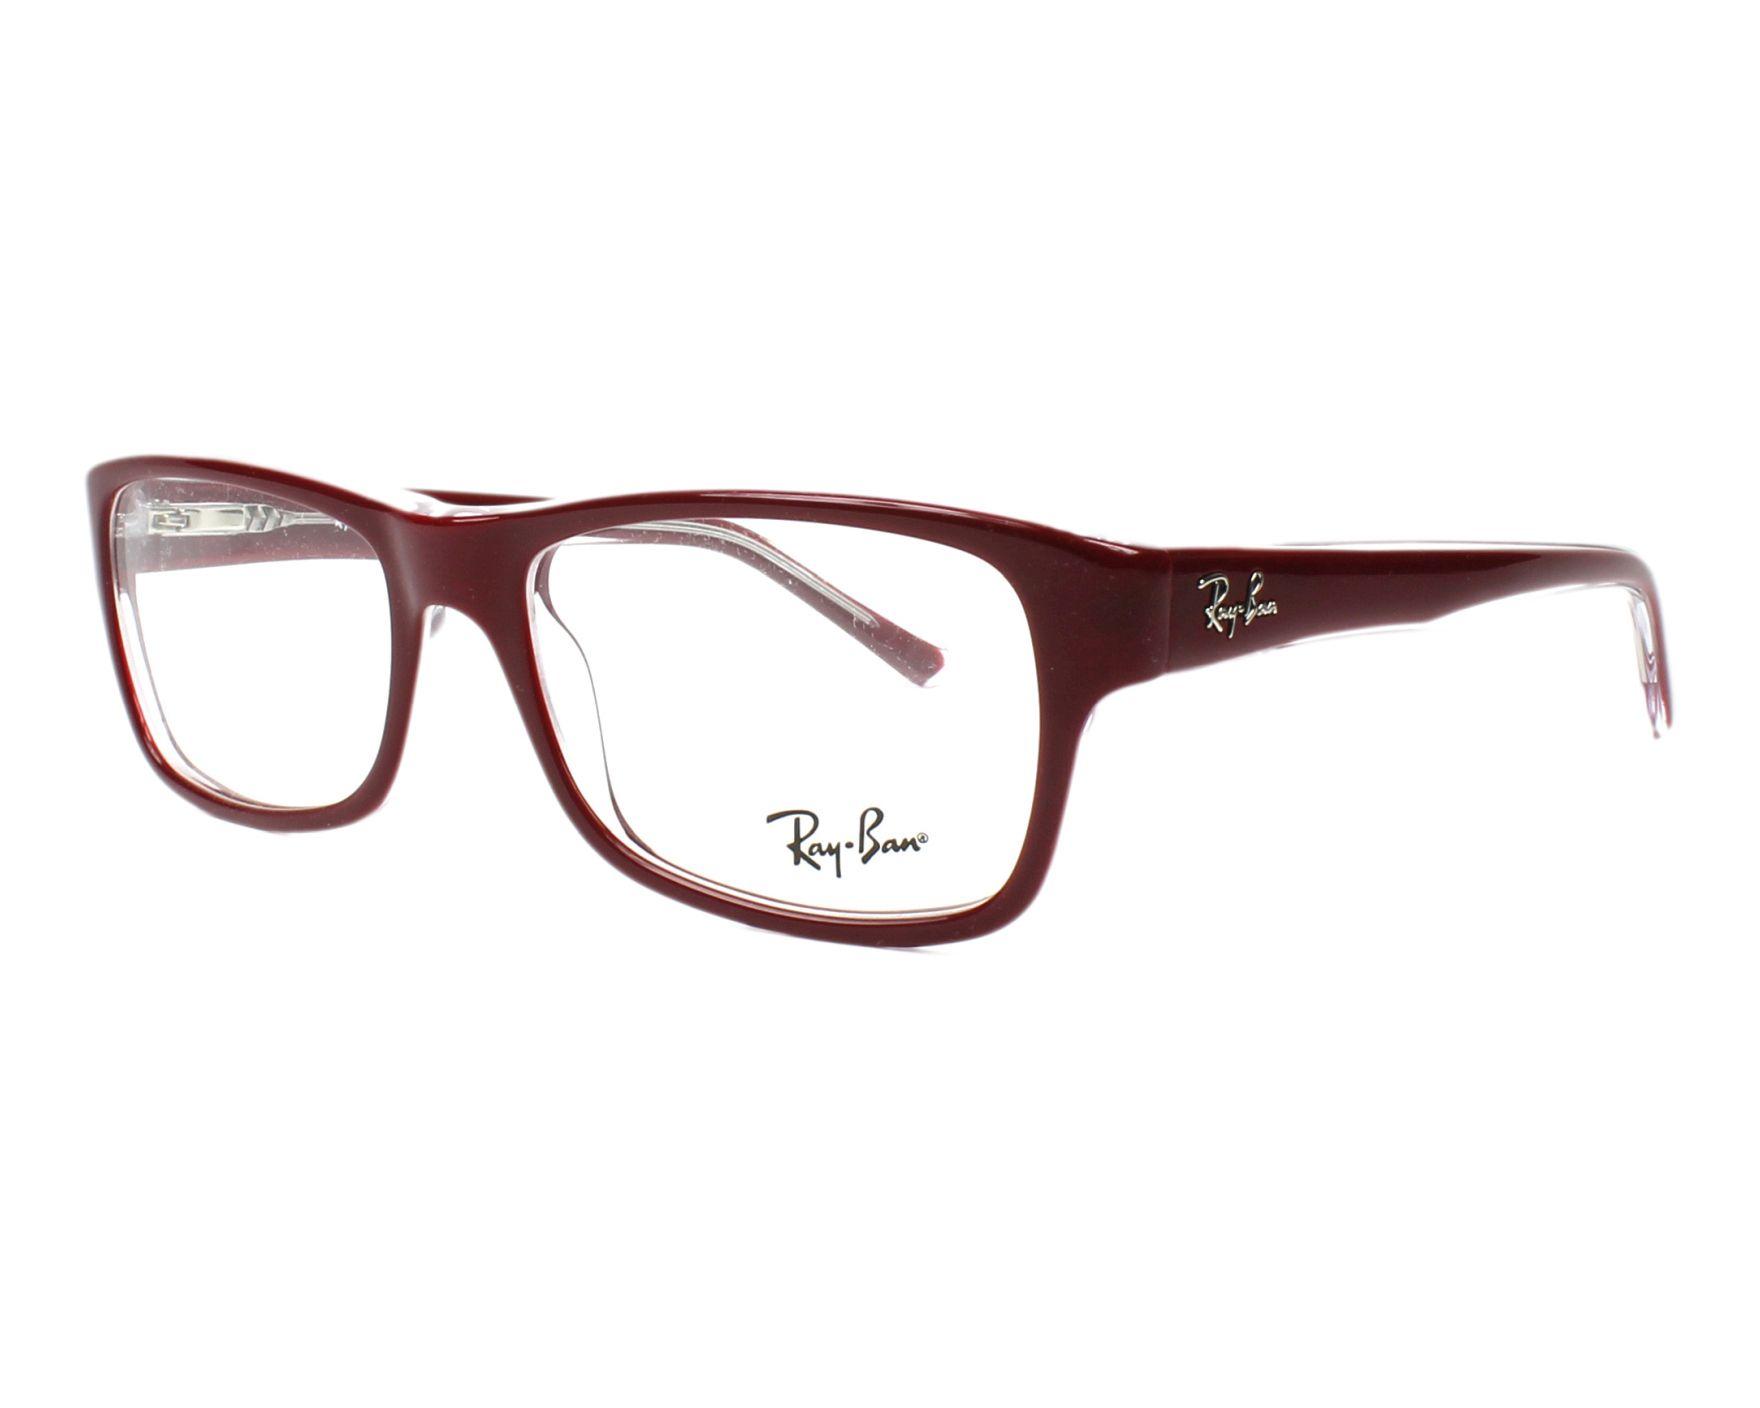 6f472846d956f Gafas Graduadas Ray-Ban RX-5268 5738 52-17 Bordeaux vista de perfil